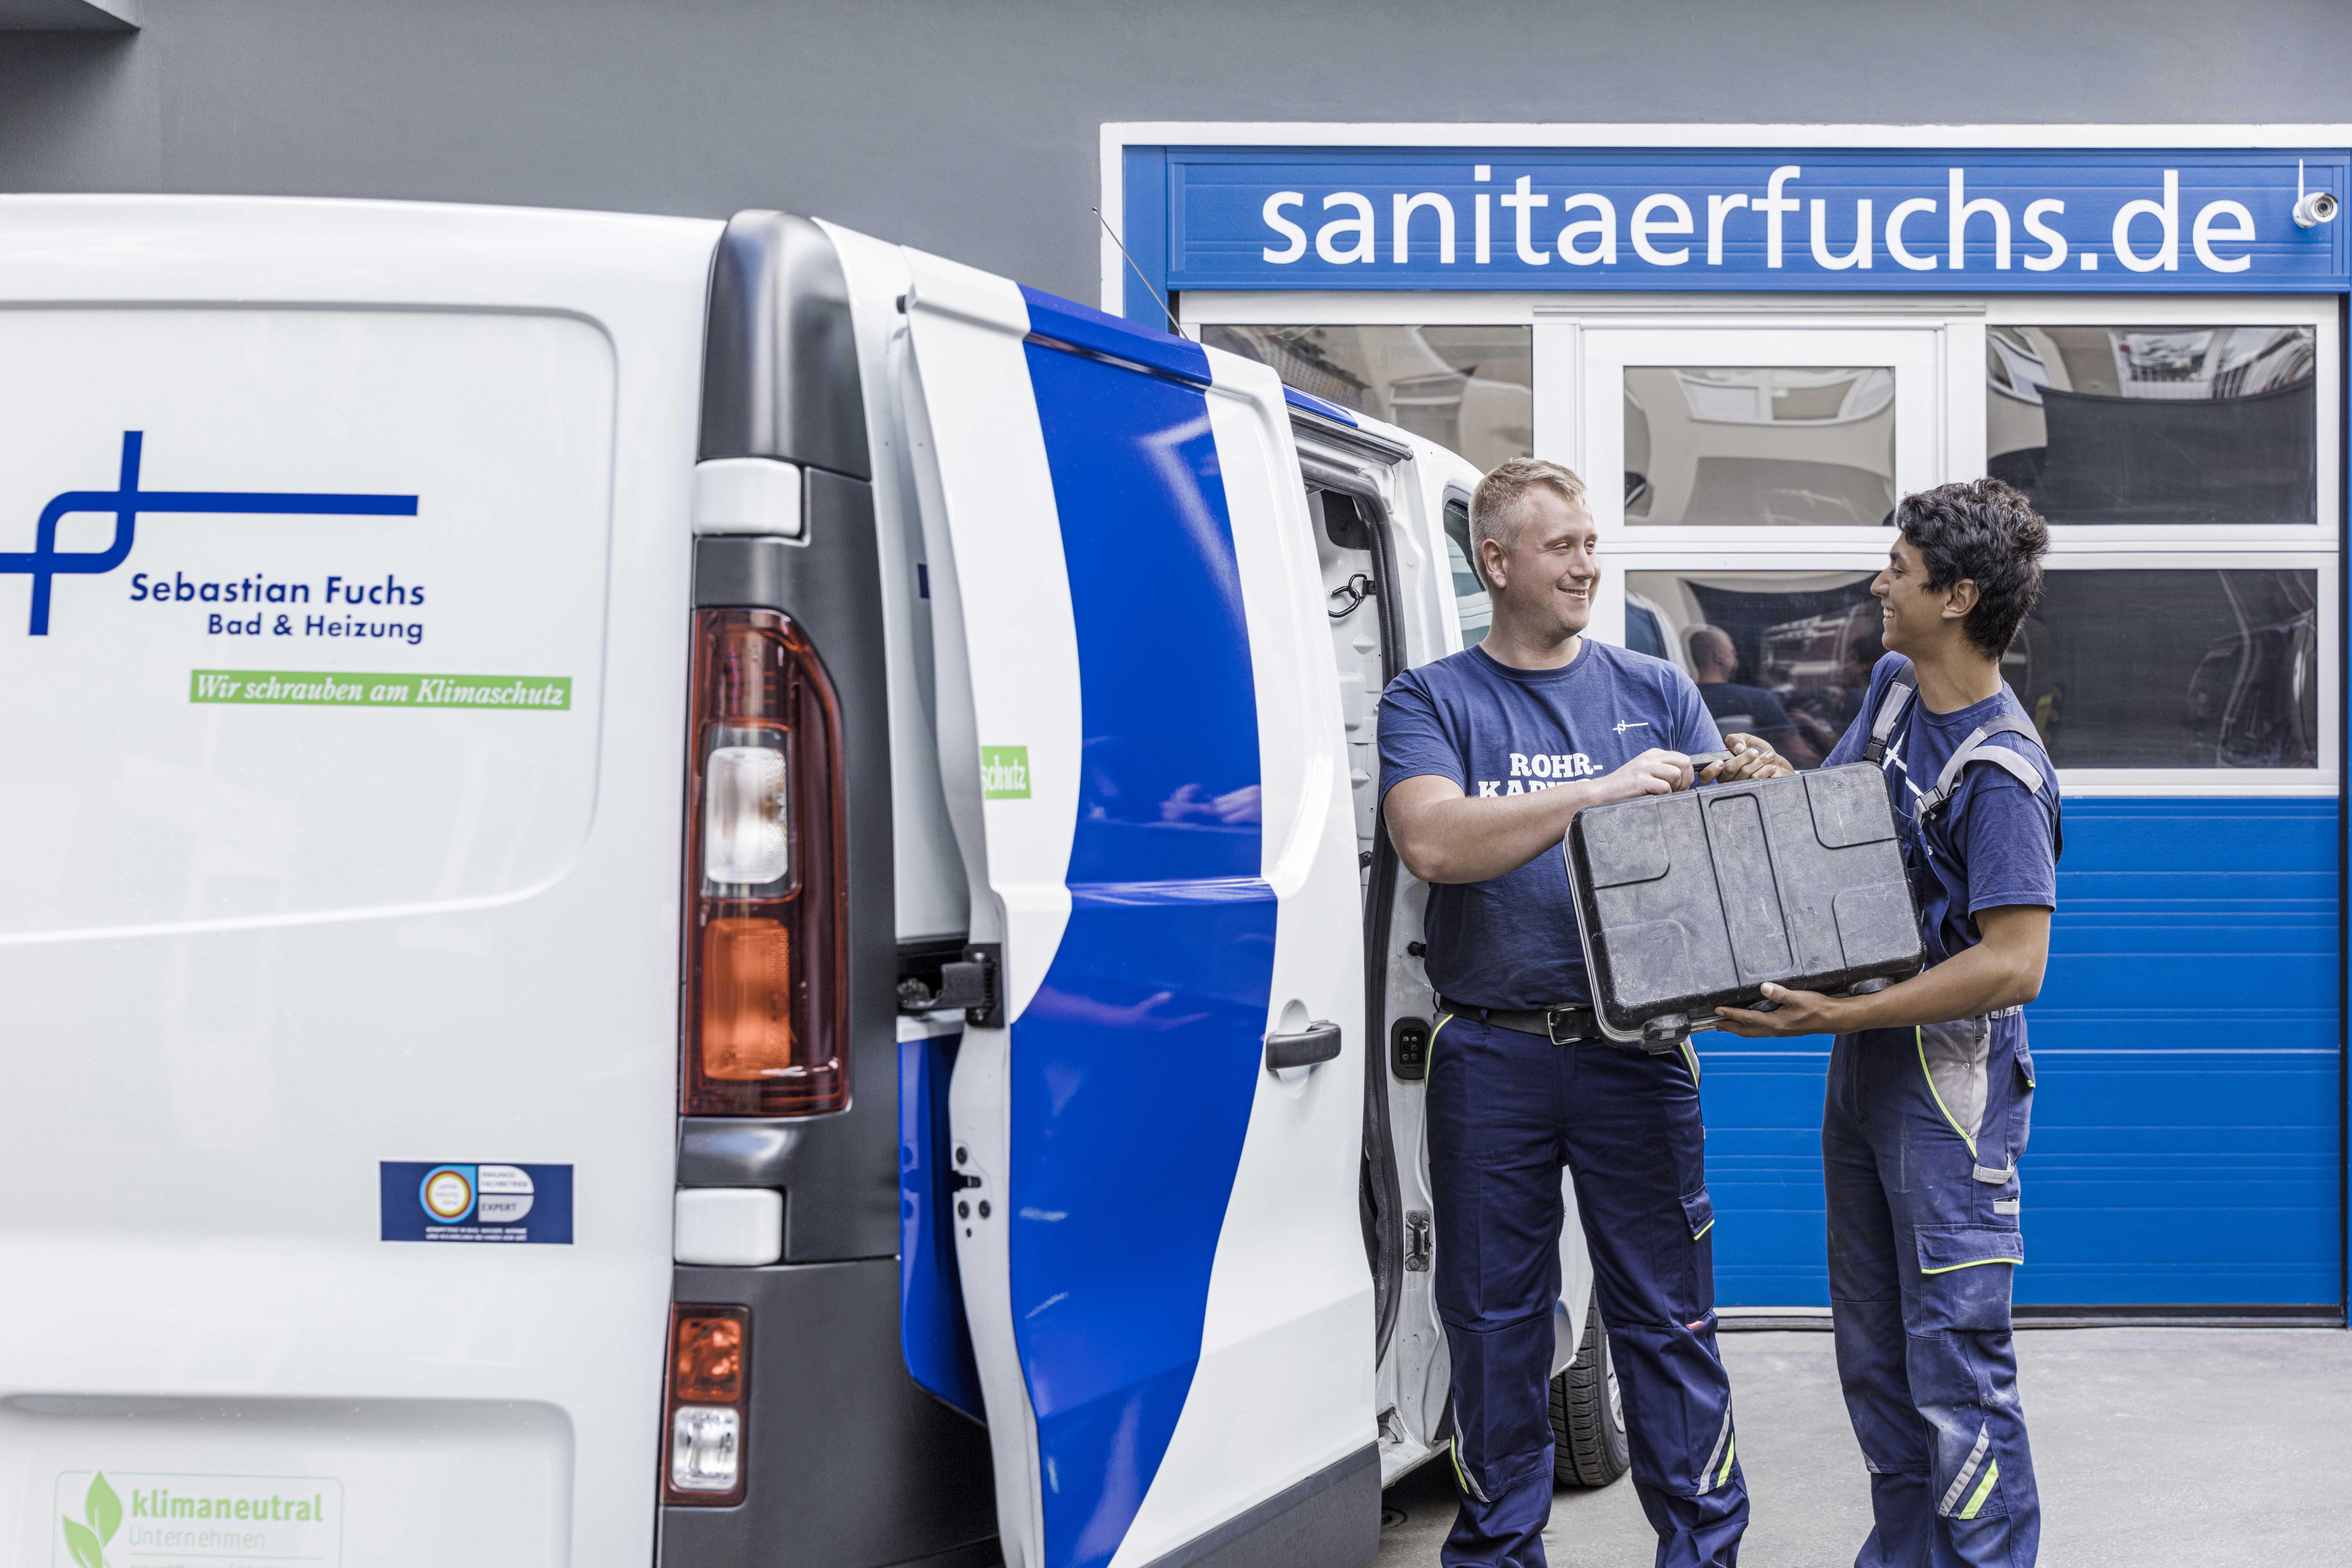 Sebastian Fuchs Bad und Heizung GmbH und Co. KG